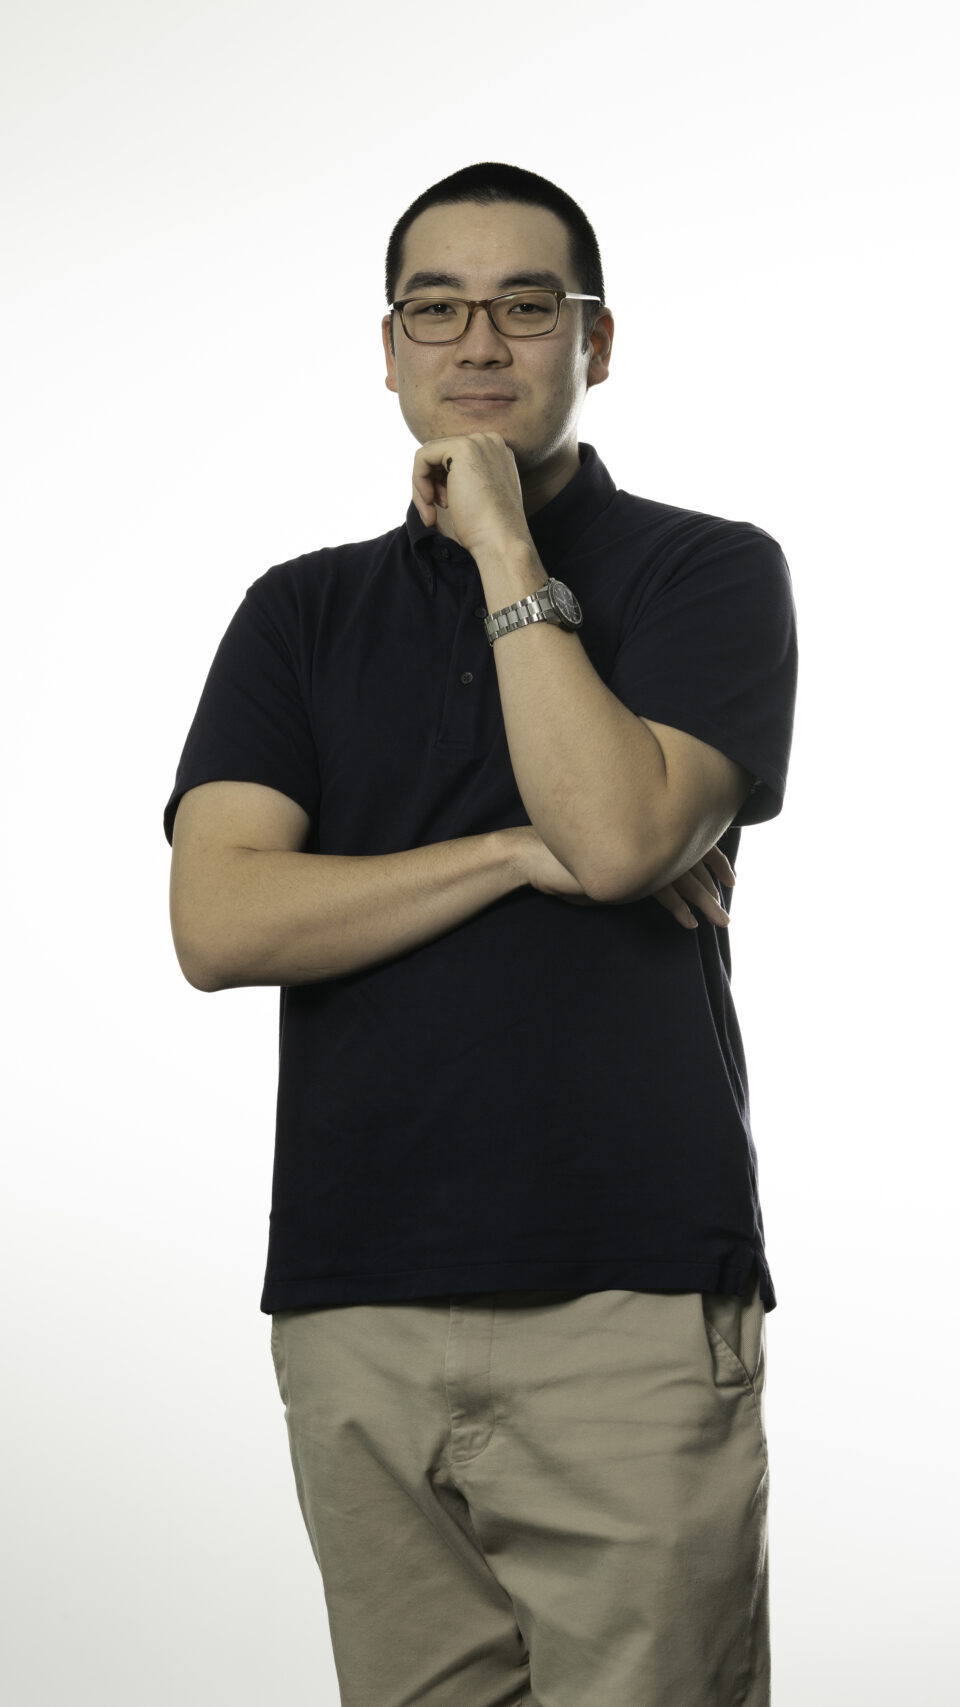 Kento Waki